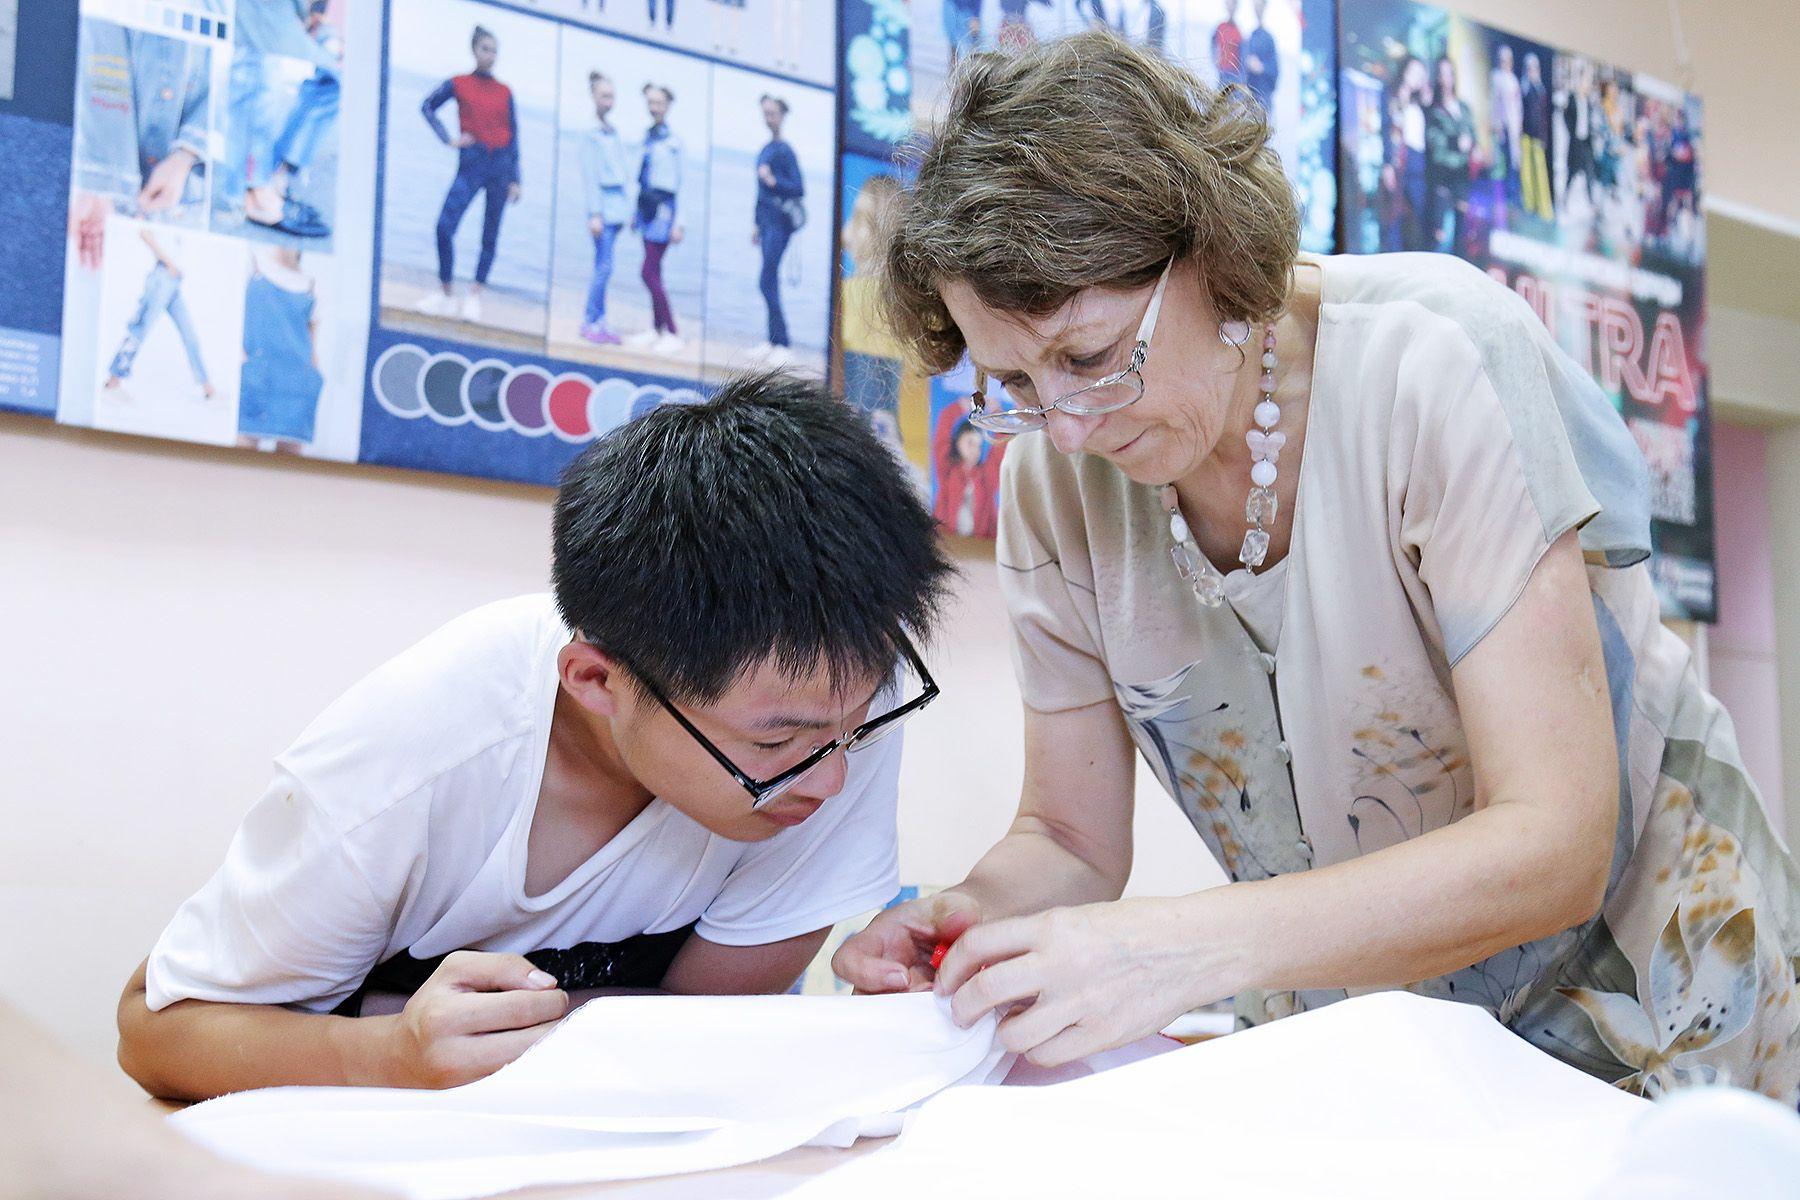 Иностранные студенты во ВГУЭС: «В России преподаватели больше настроены на общение»